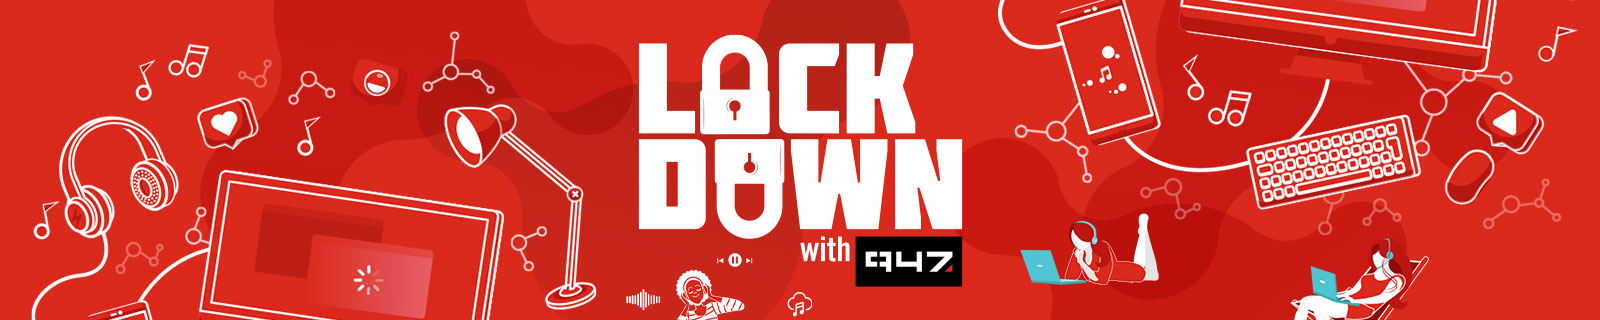 lockdownwith947-banner-wip-01jpg